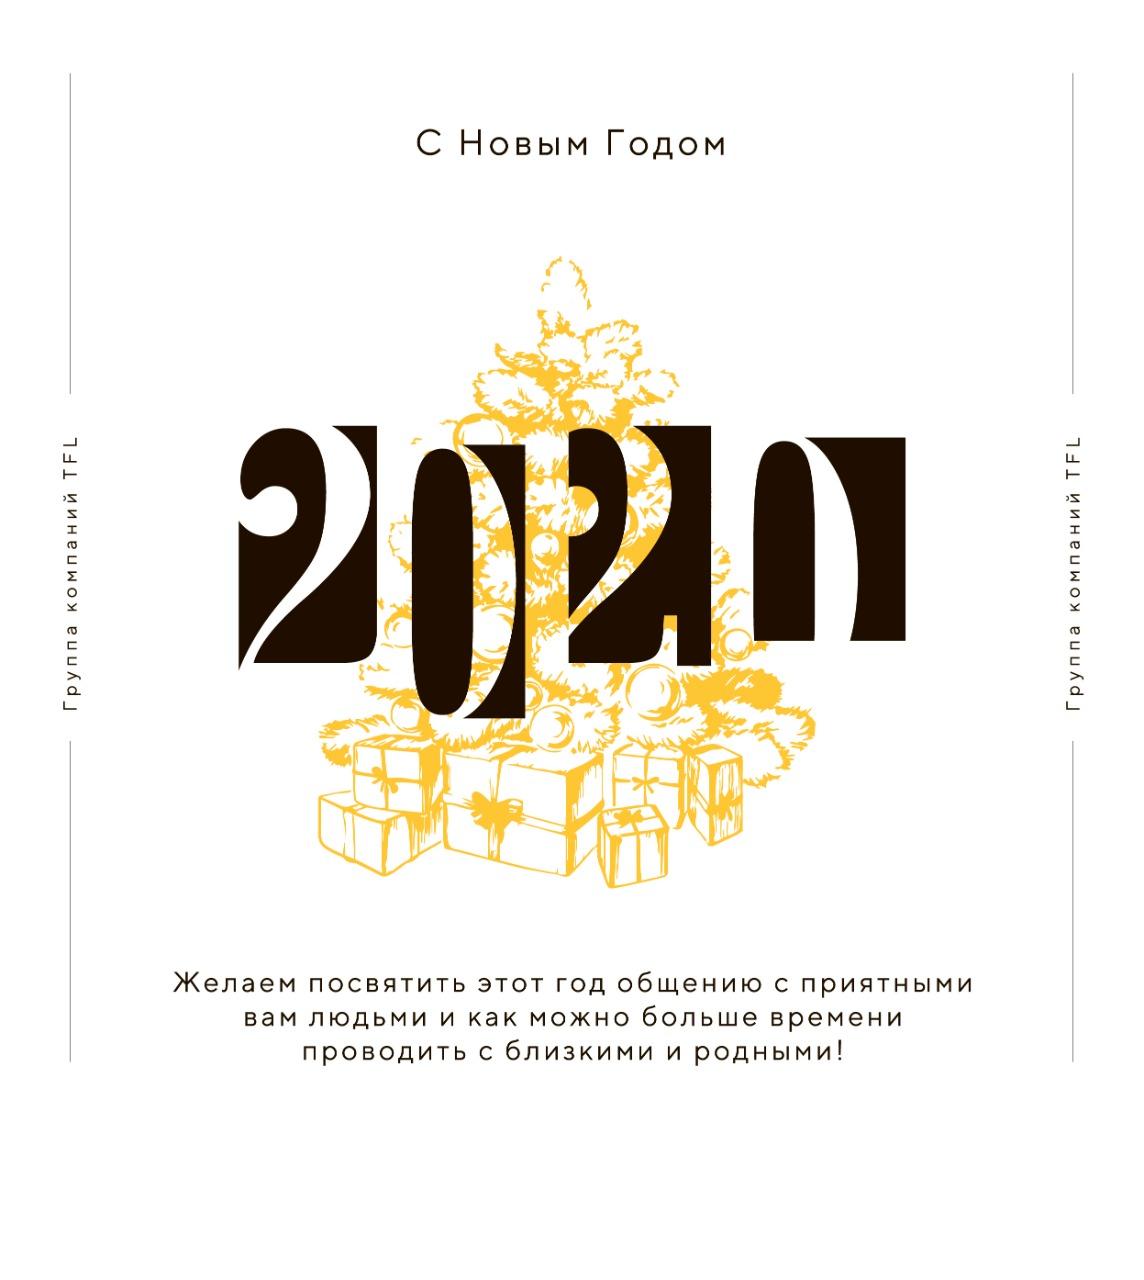 Группа компаний TFL поздравляет всех своих клиентов и  партнеров  с наступающим Новым годом